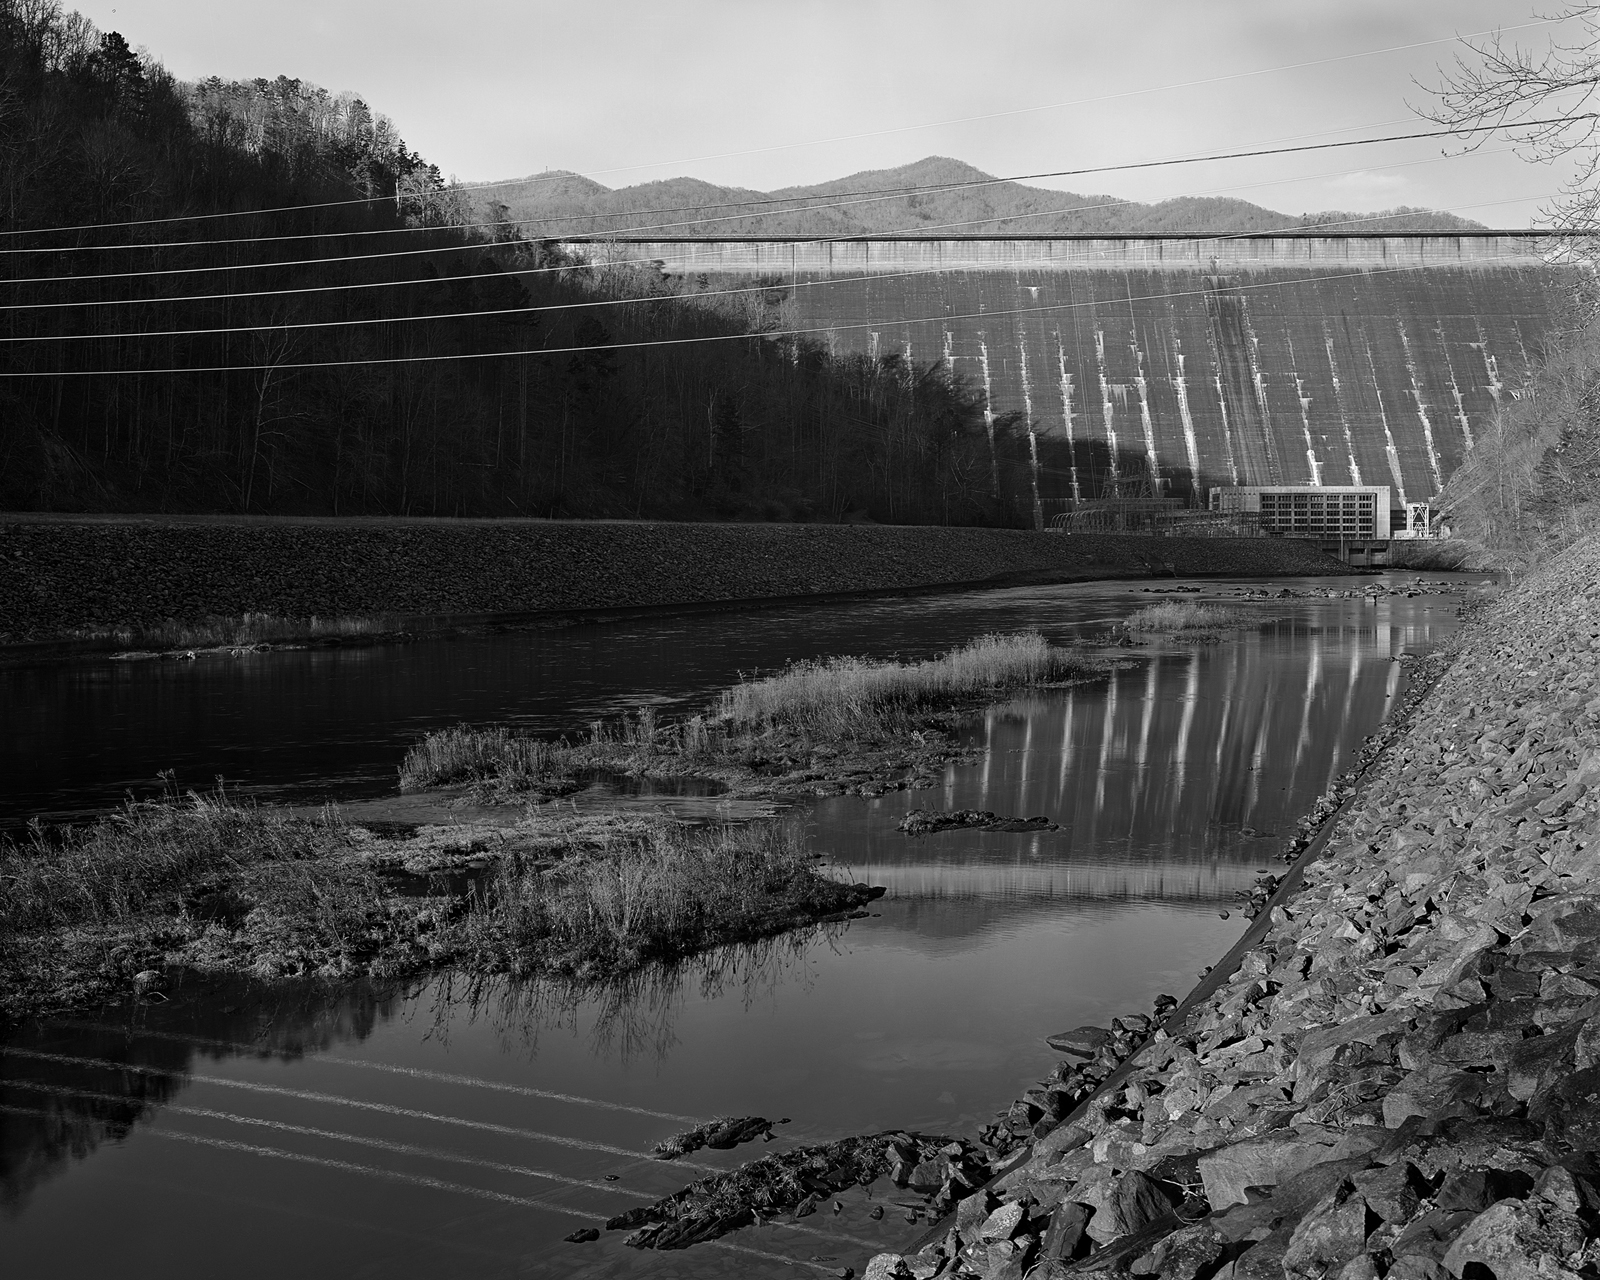 Fontana Dam (downstream) Little Tennessee River  2012